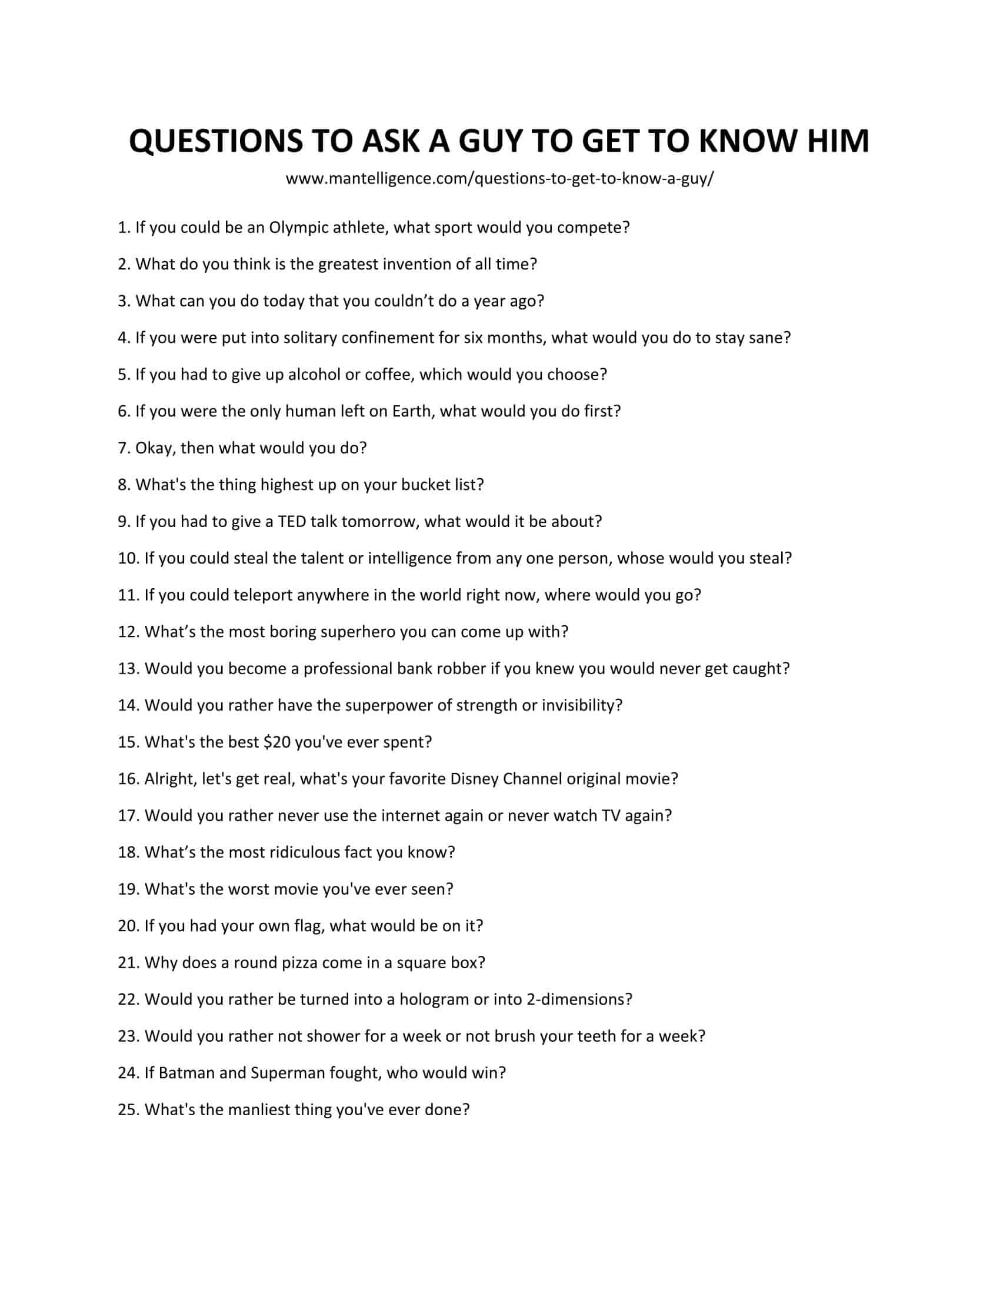 Fragen zum kennenlernen in einer gruppe